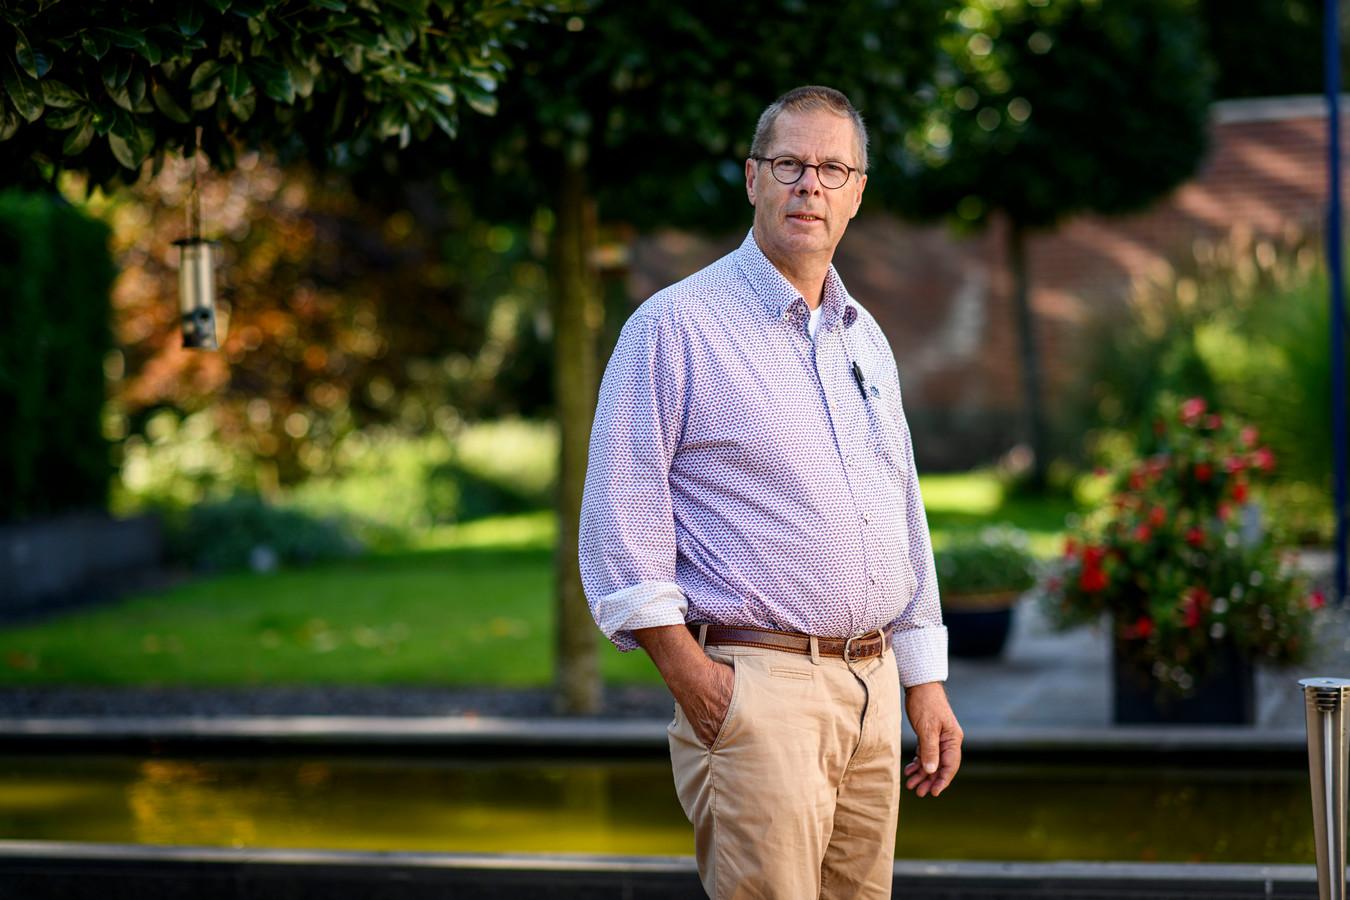 """Bert Wubbolts: """"We hebben aan alle kanten bijgedragen aan het welzijn en de economie in het dorp en worden nu aan de kant gezet."""""""